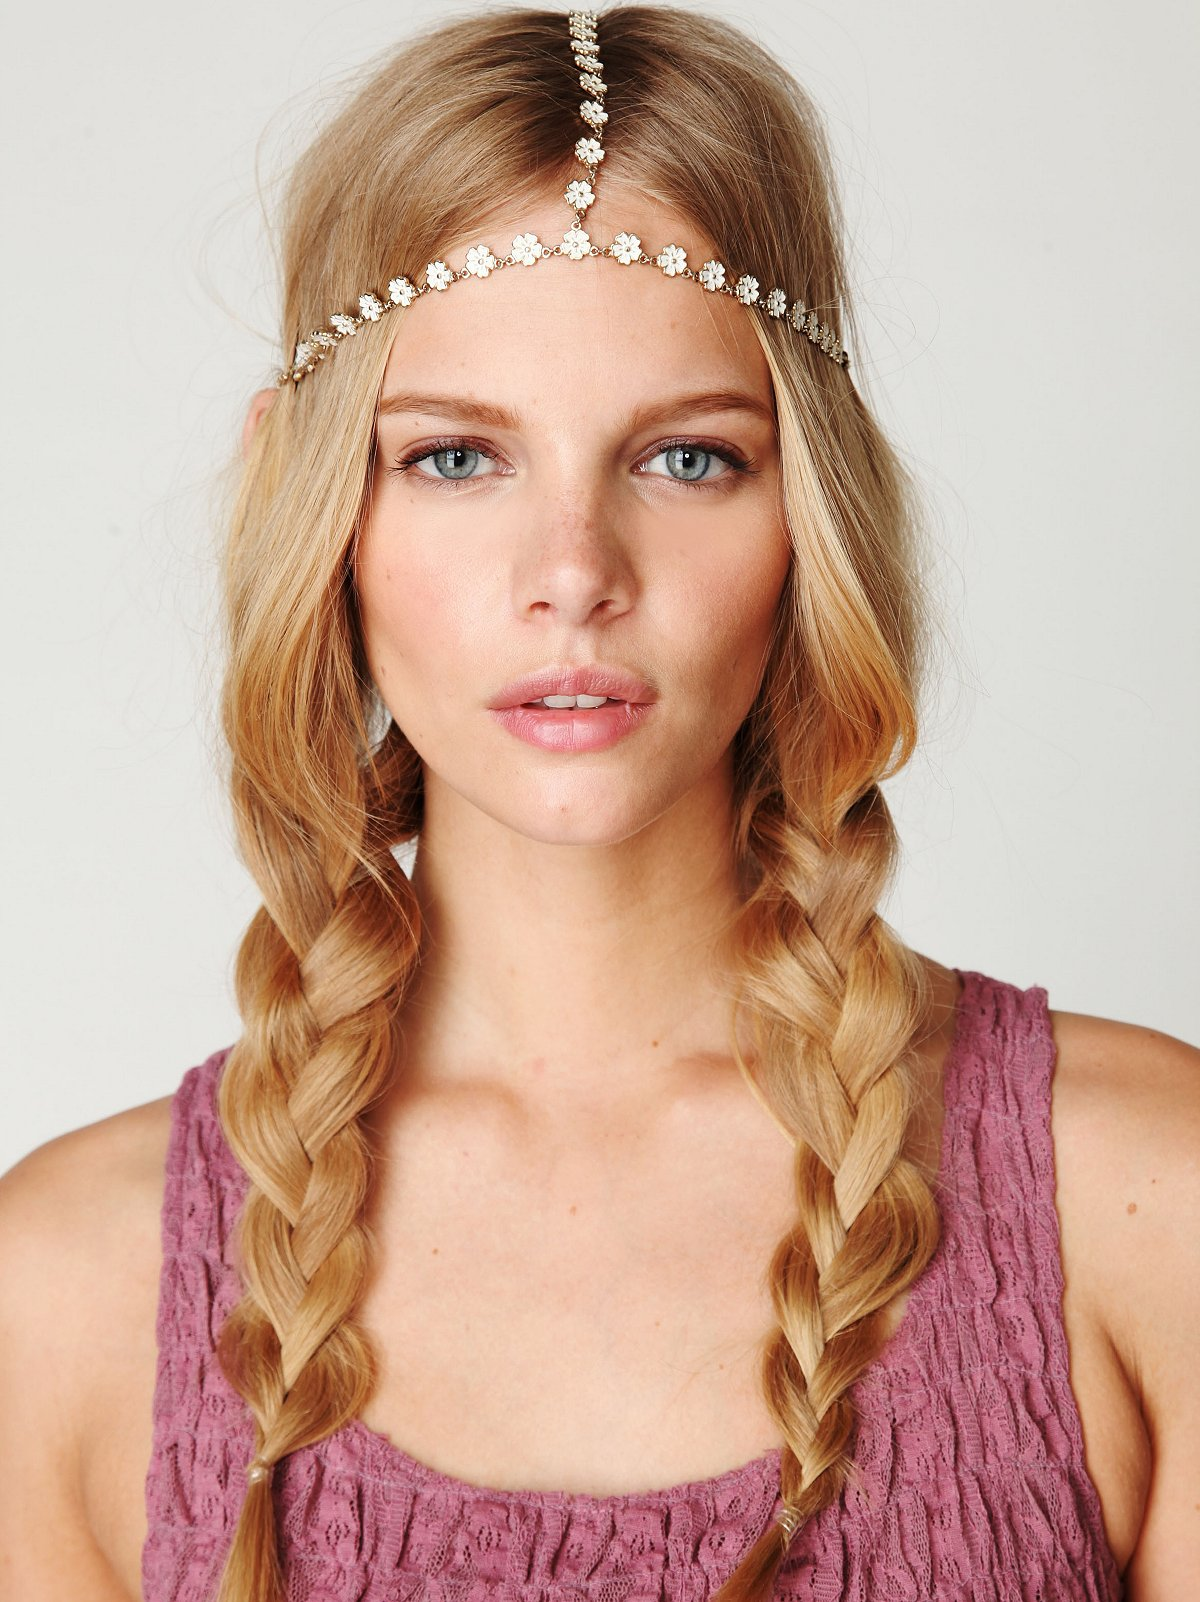 Daisy Chain Headpiece